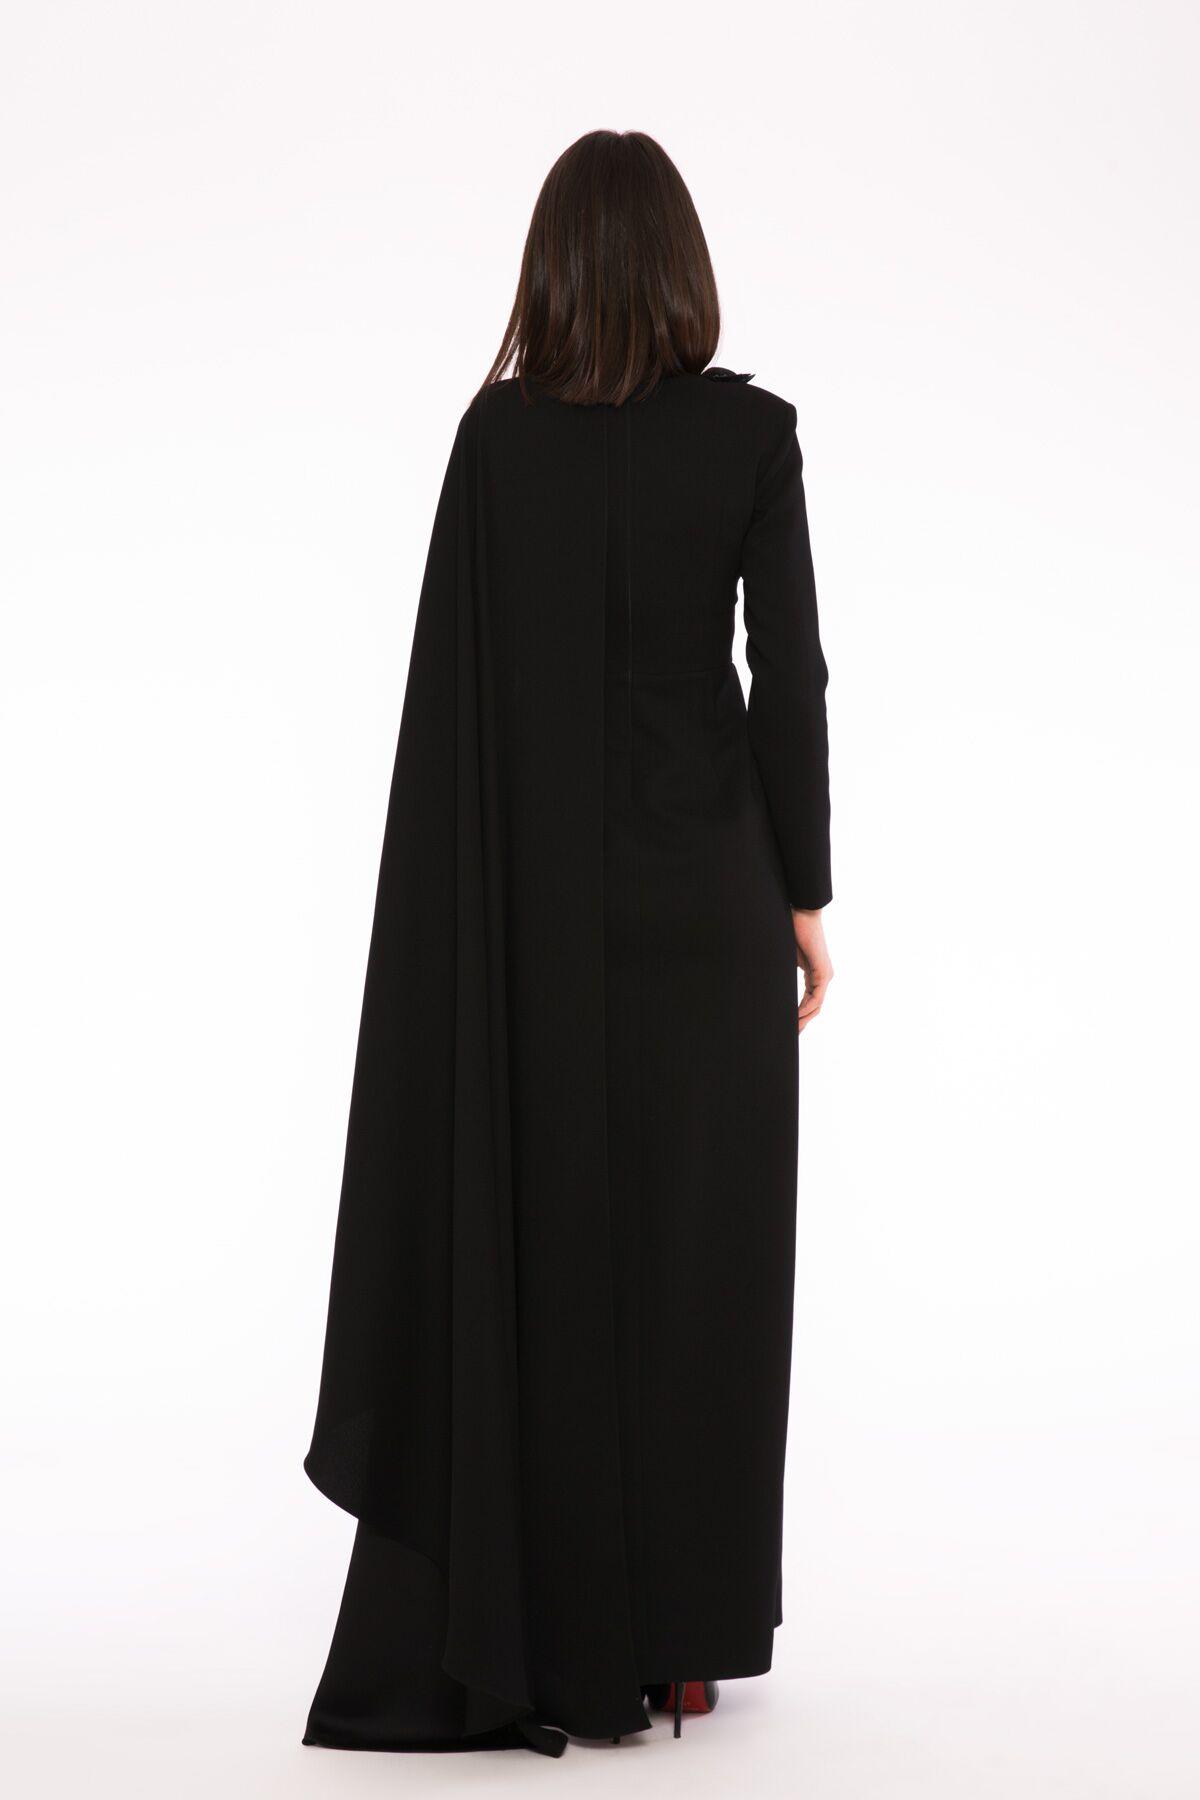 3 Boyutlu Nakış Detaylı Asimetrik Pelerinli Kollu Uzun Gece Elbisesi